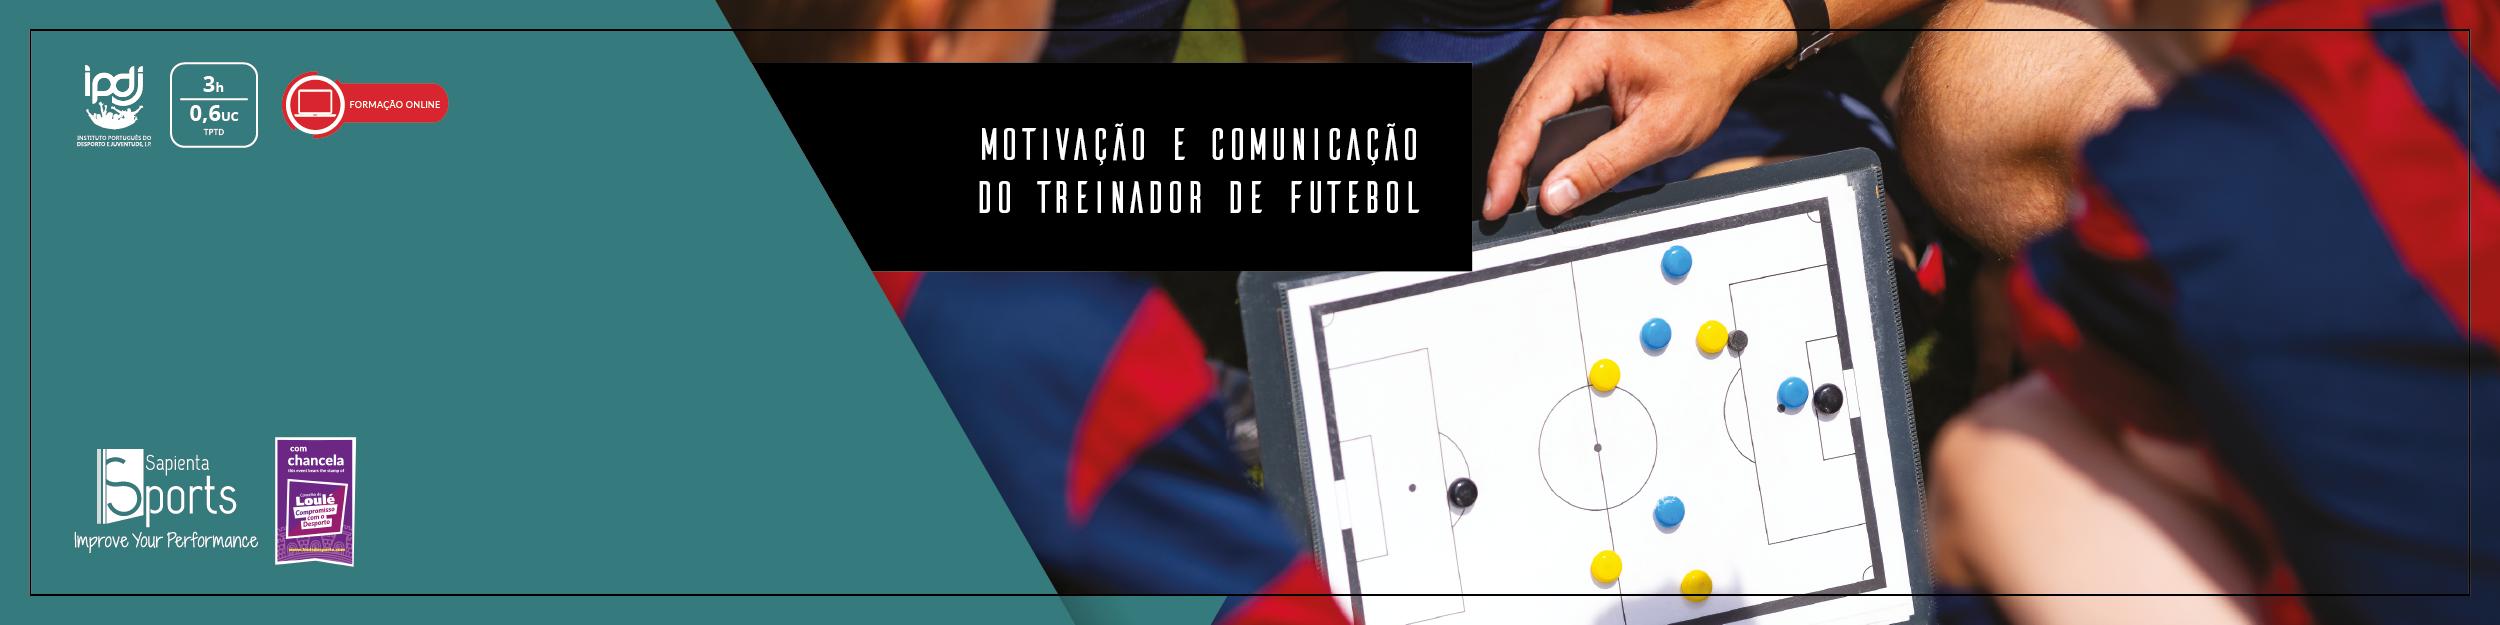 Motivação e Comunicação do Treinador de Futebol